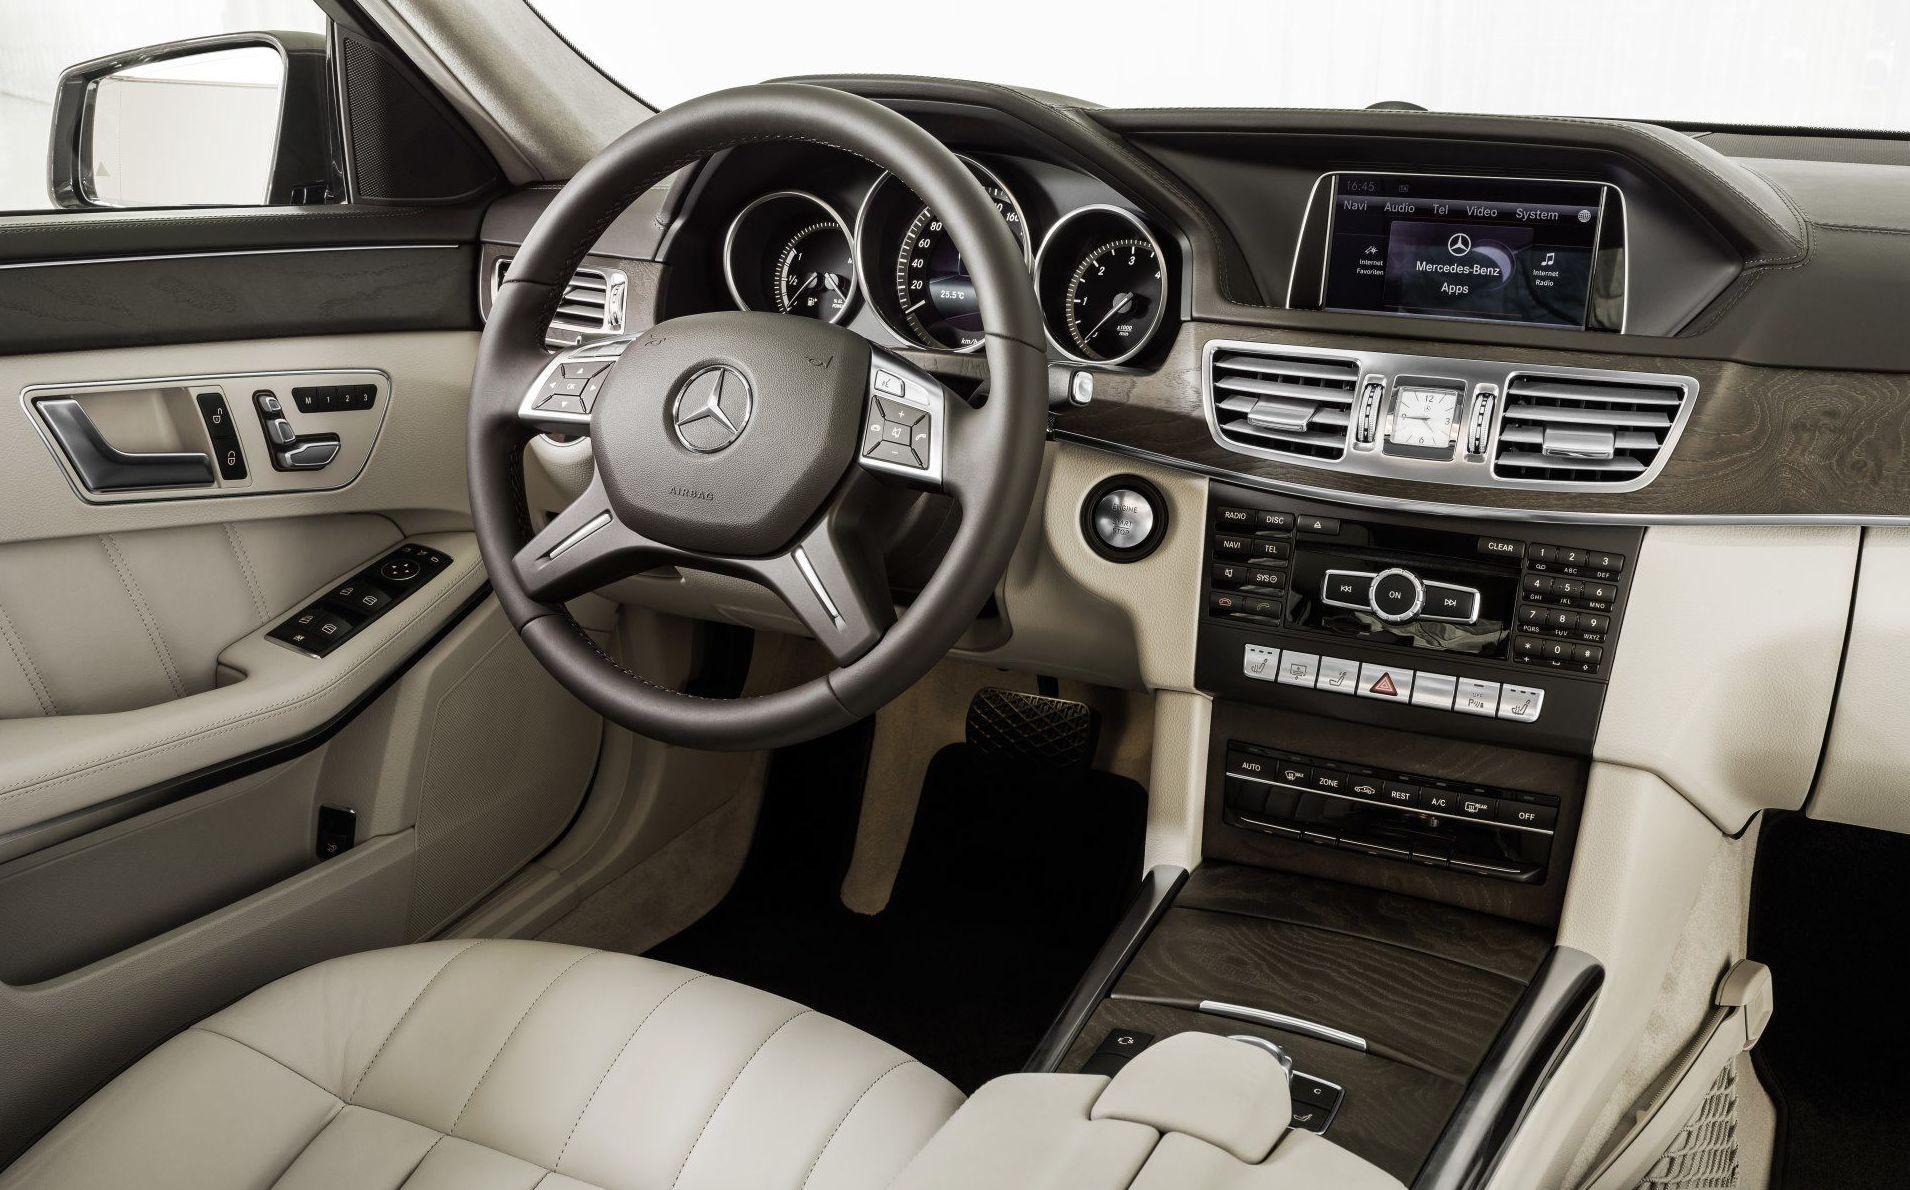 Pantallas táctiles google ANDROID sistemas Mercedes Benz Comand APS NTG-4 NTG-4.5 NTG-5